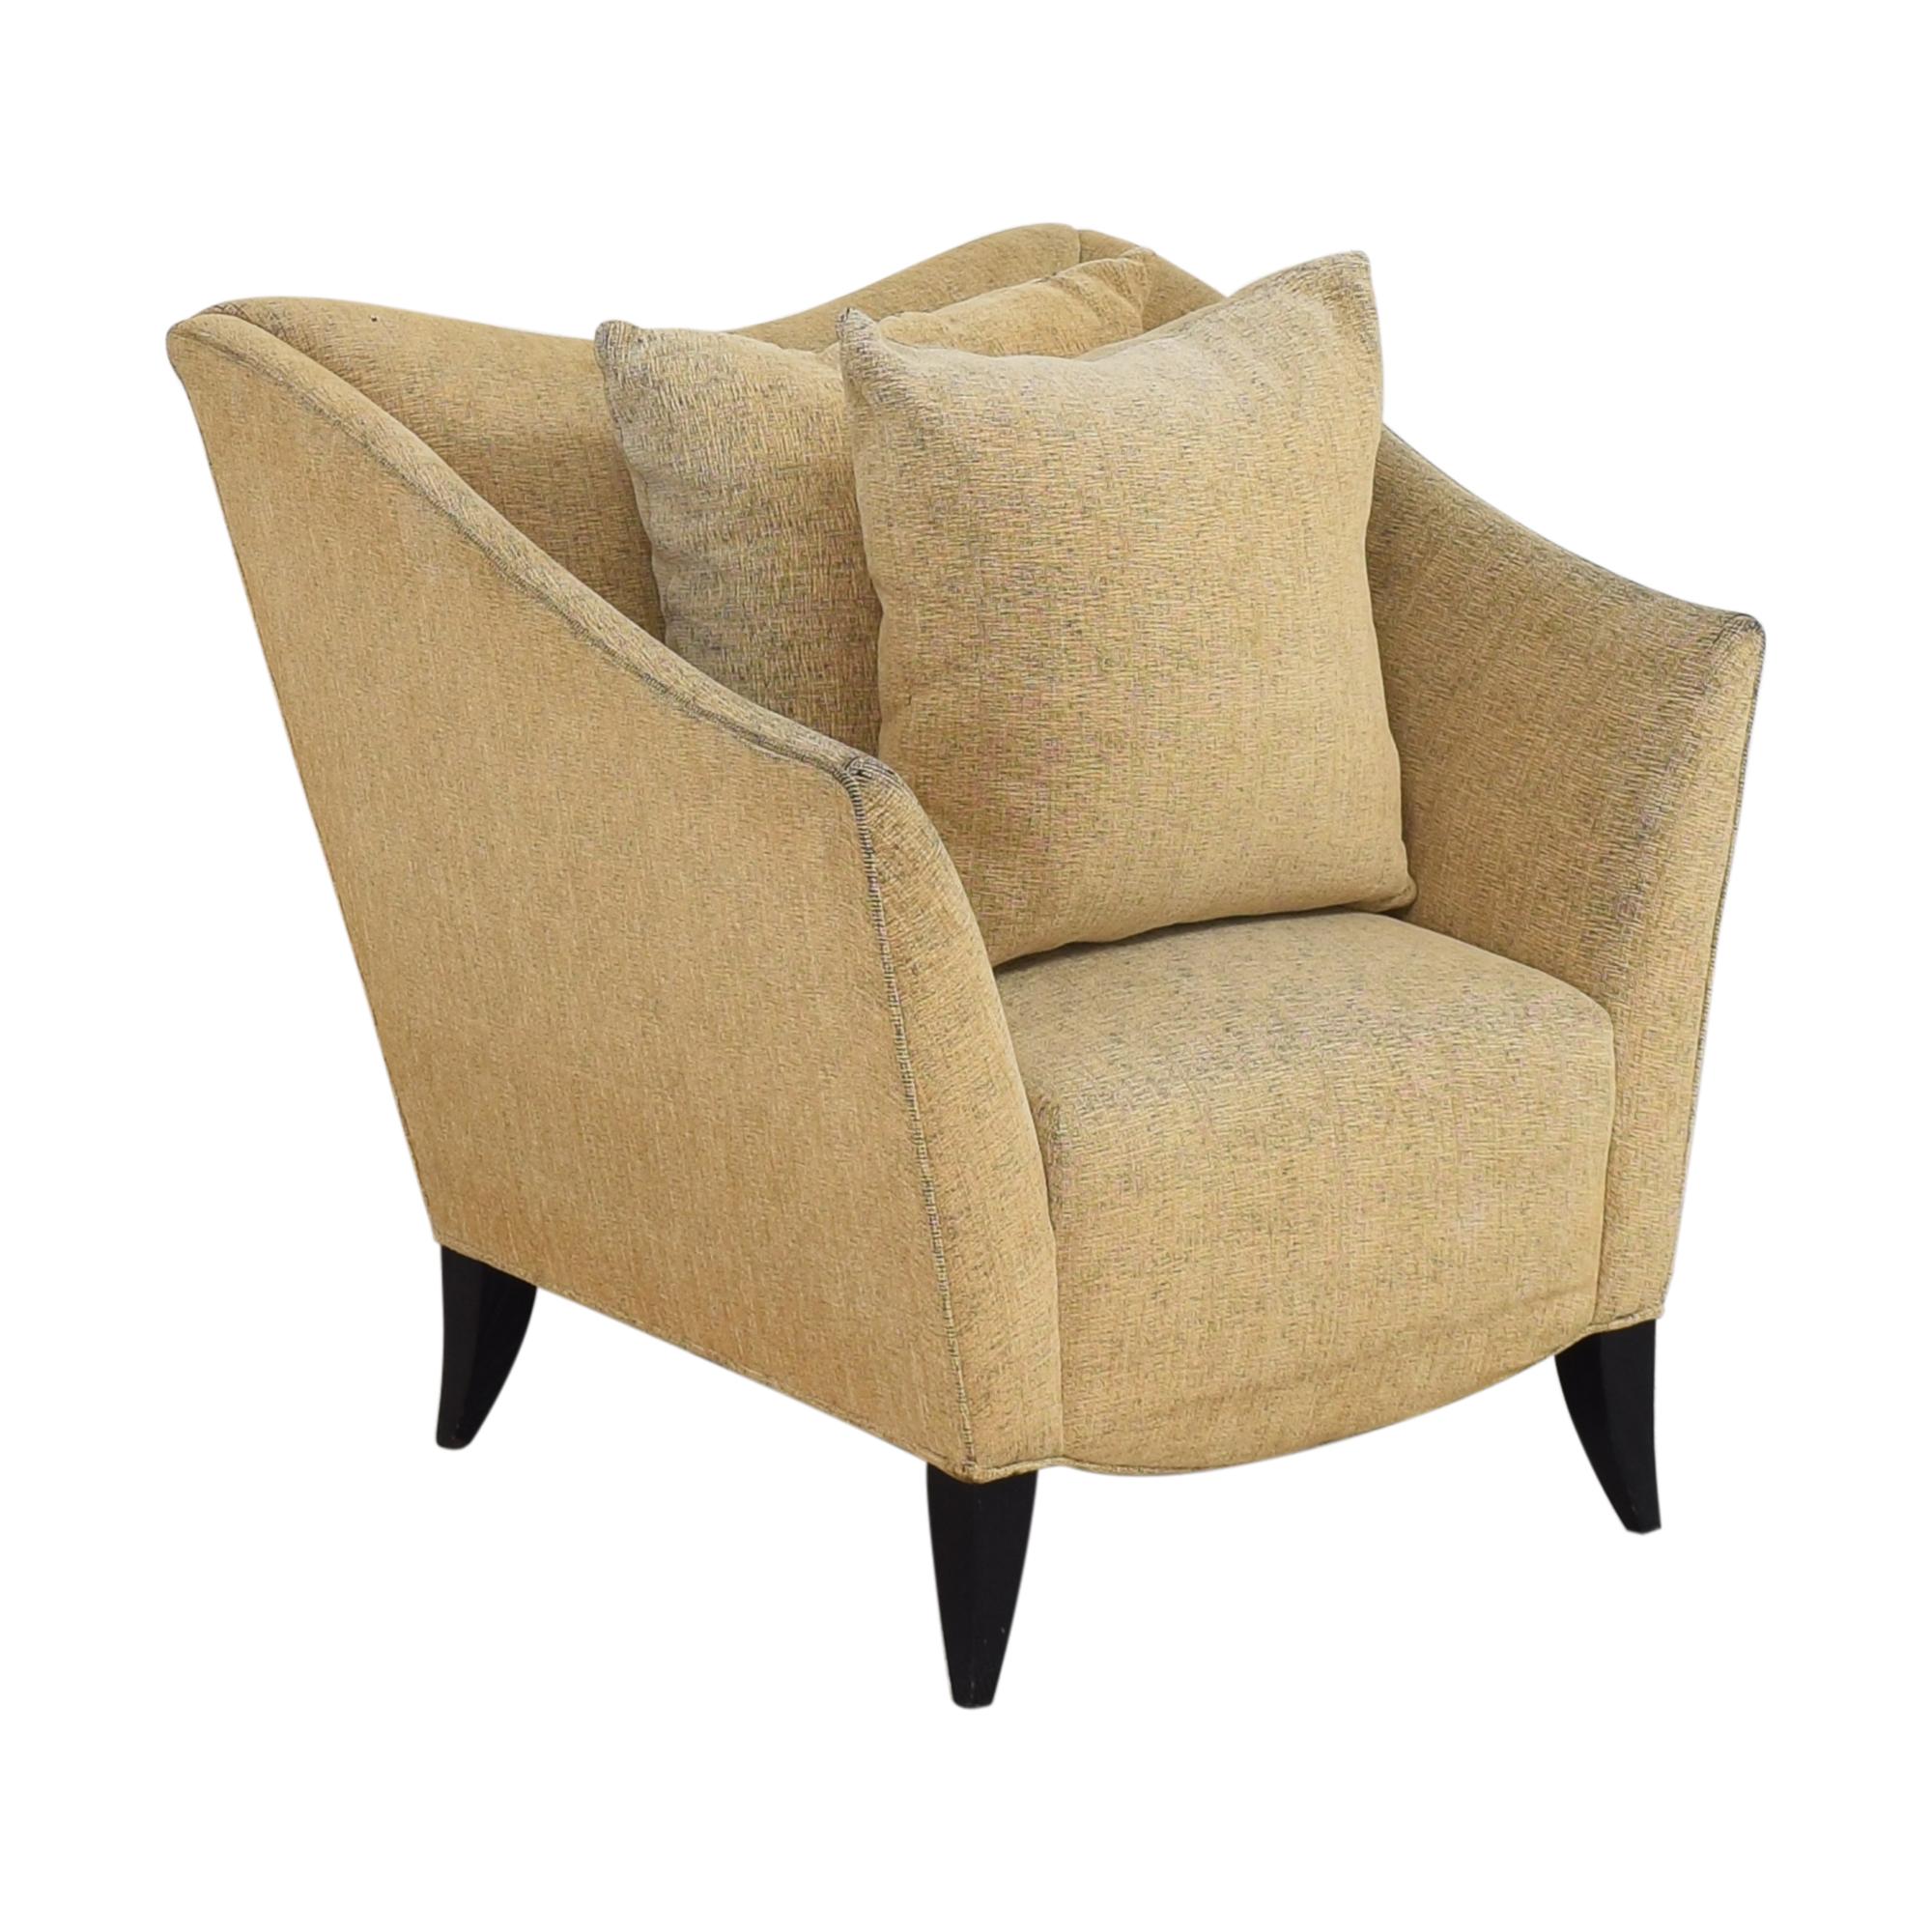 Swaim Swaim Accent Chair Accent Chairs